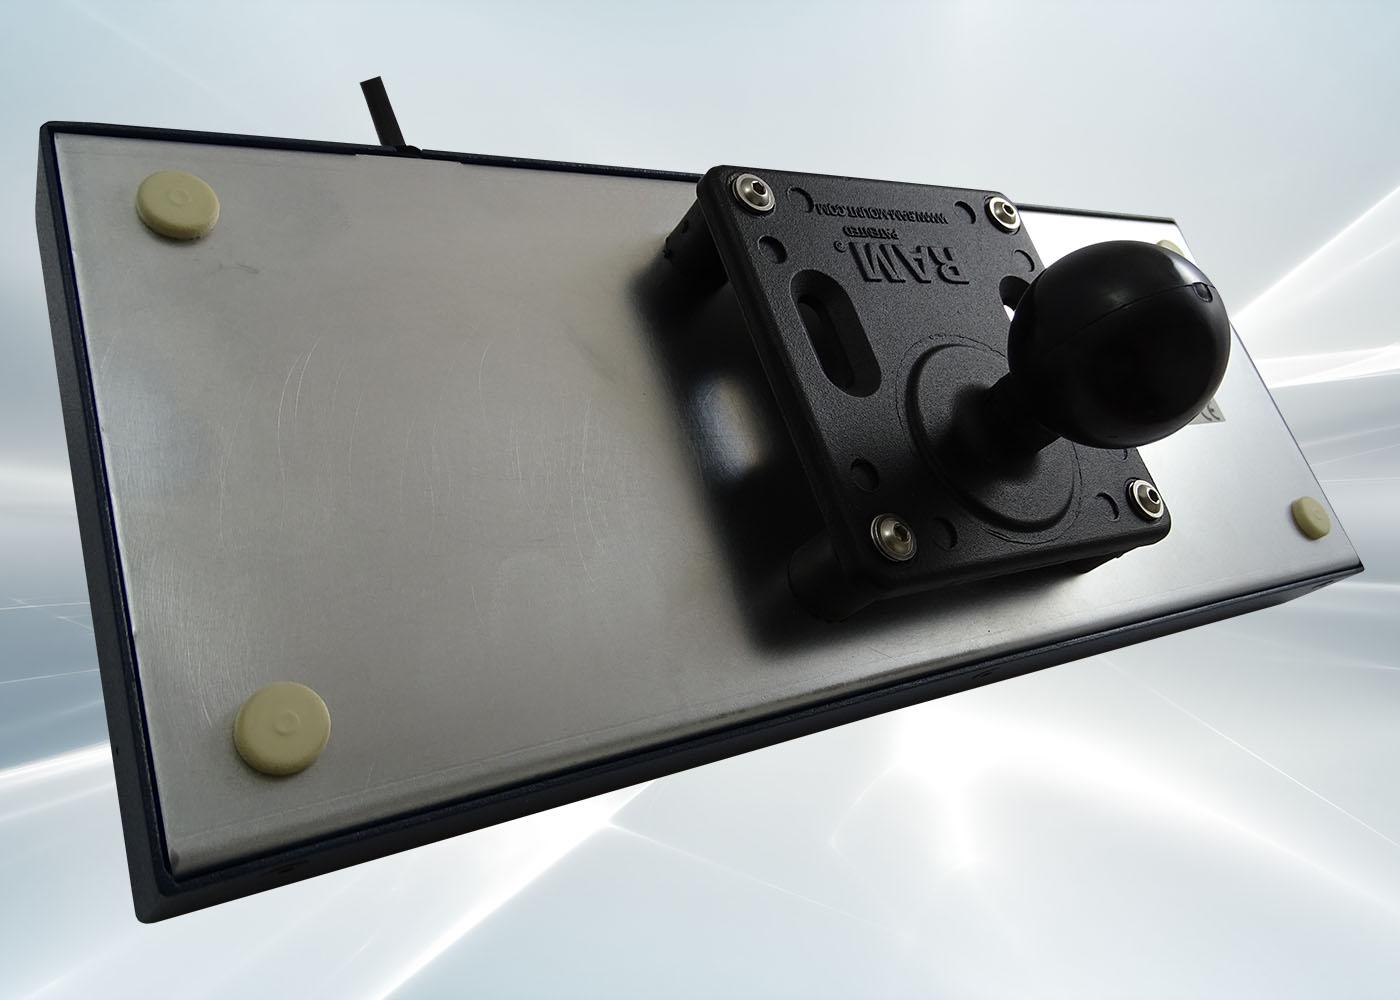 Clavier industriel 71 touches en boitier métallique de table étanche IP54 – Option boule VESA 75